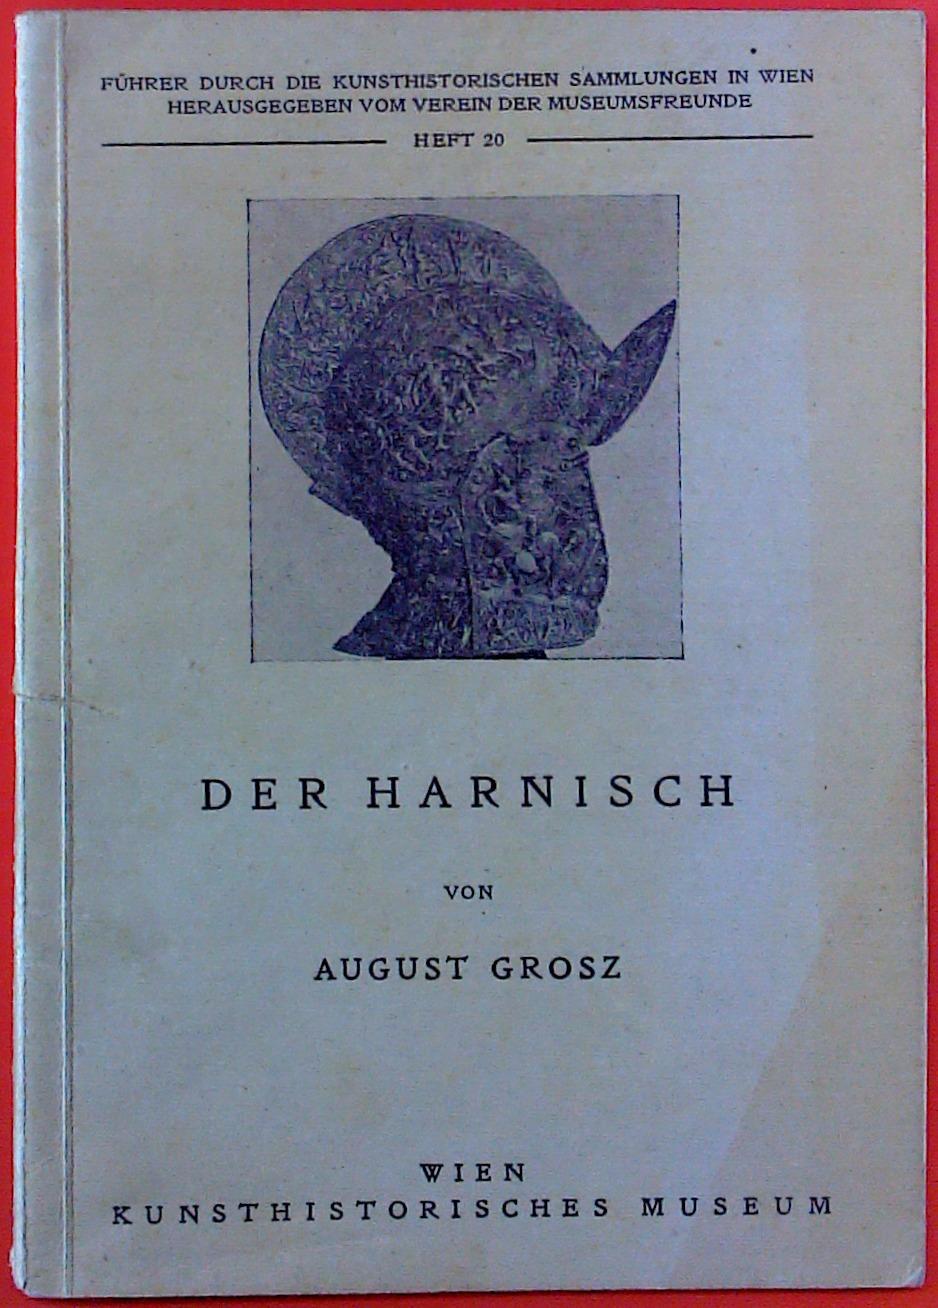 Der Harnisch. Wien Kunsthistorisches Museum Heft 20: August Grosz. Verein